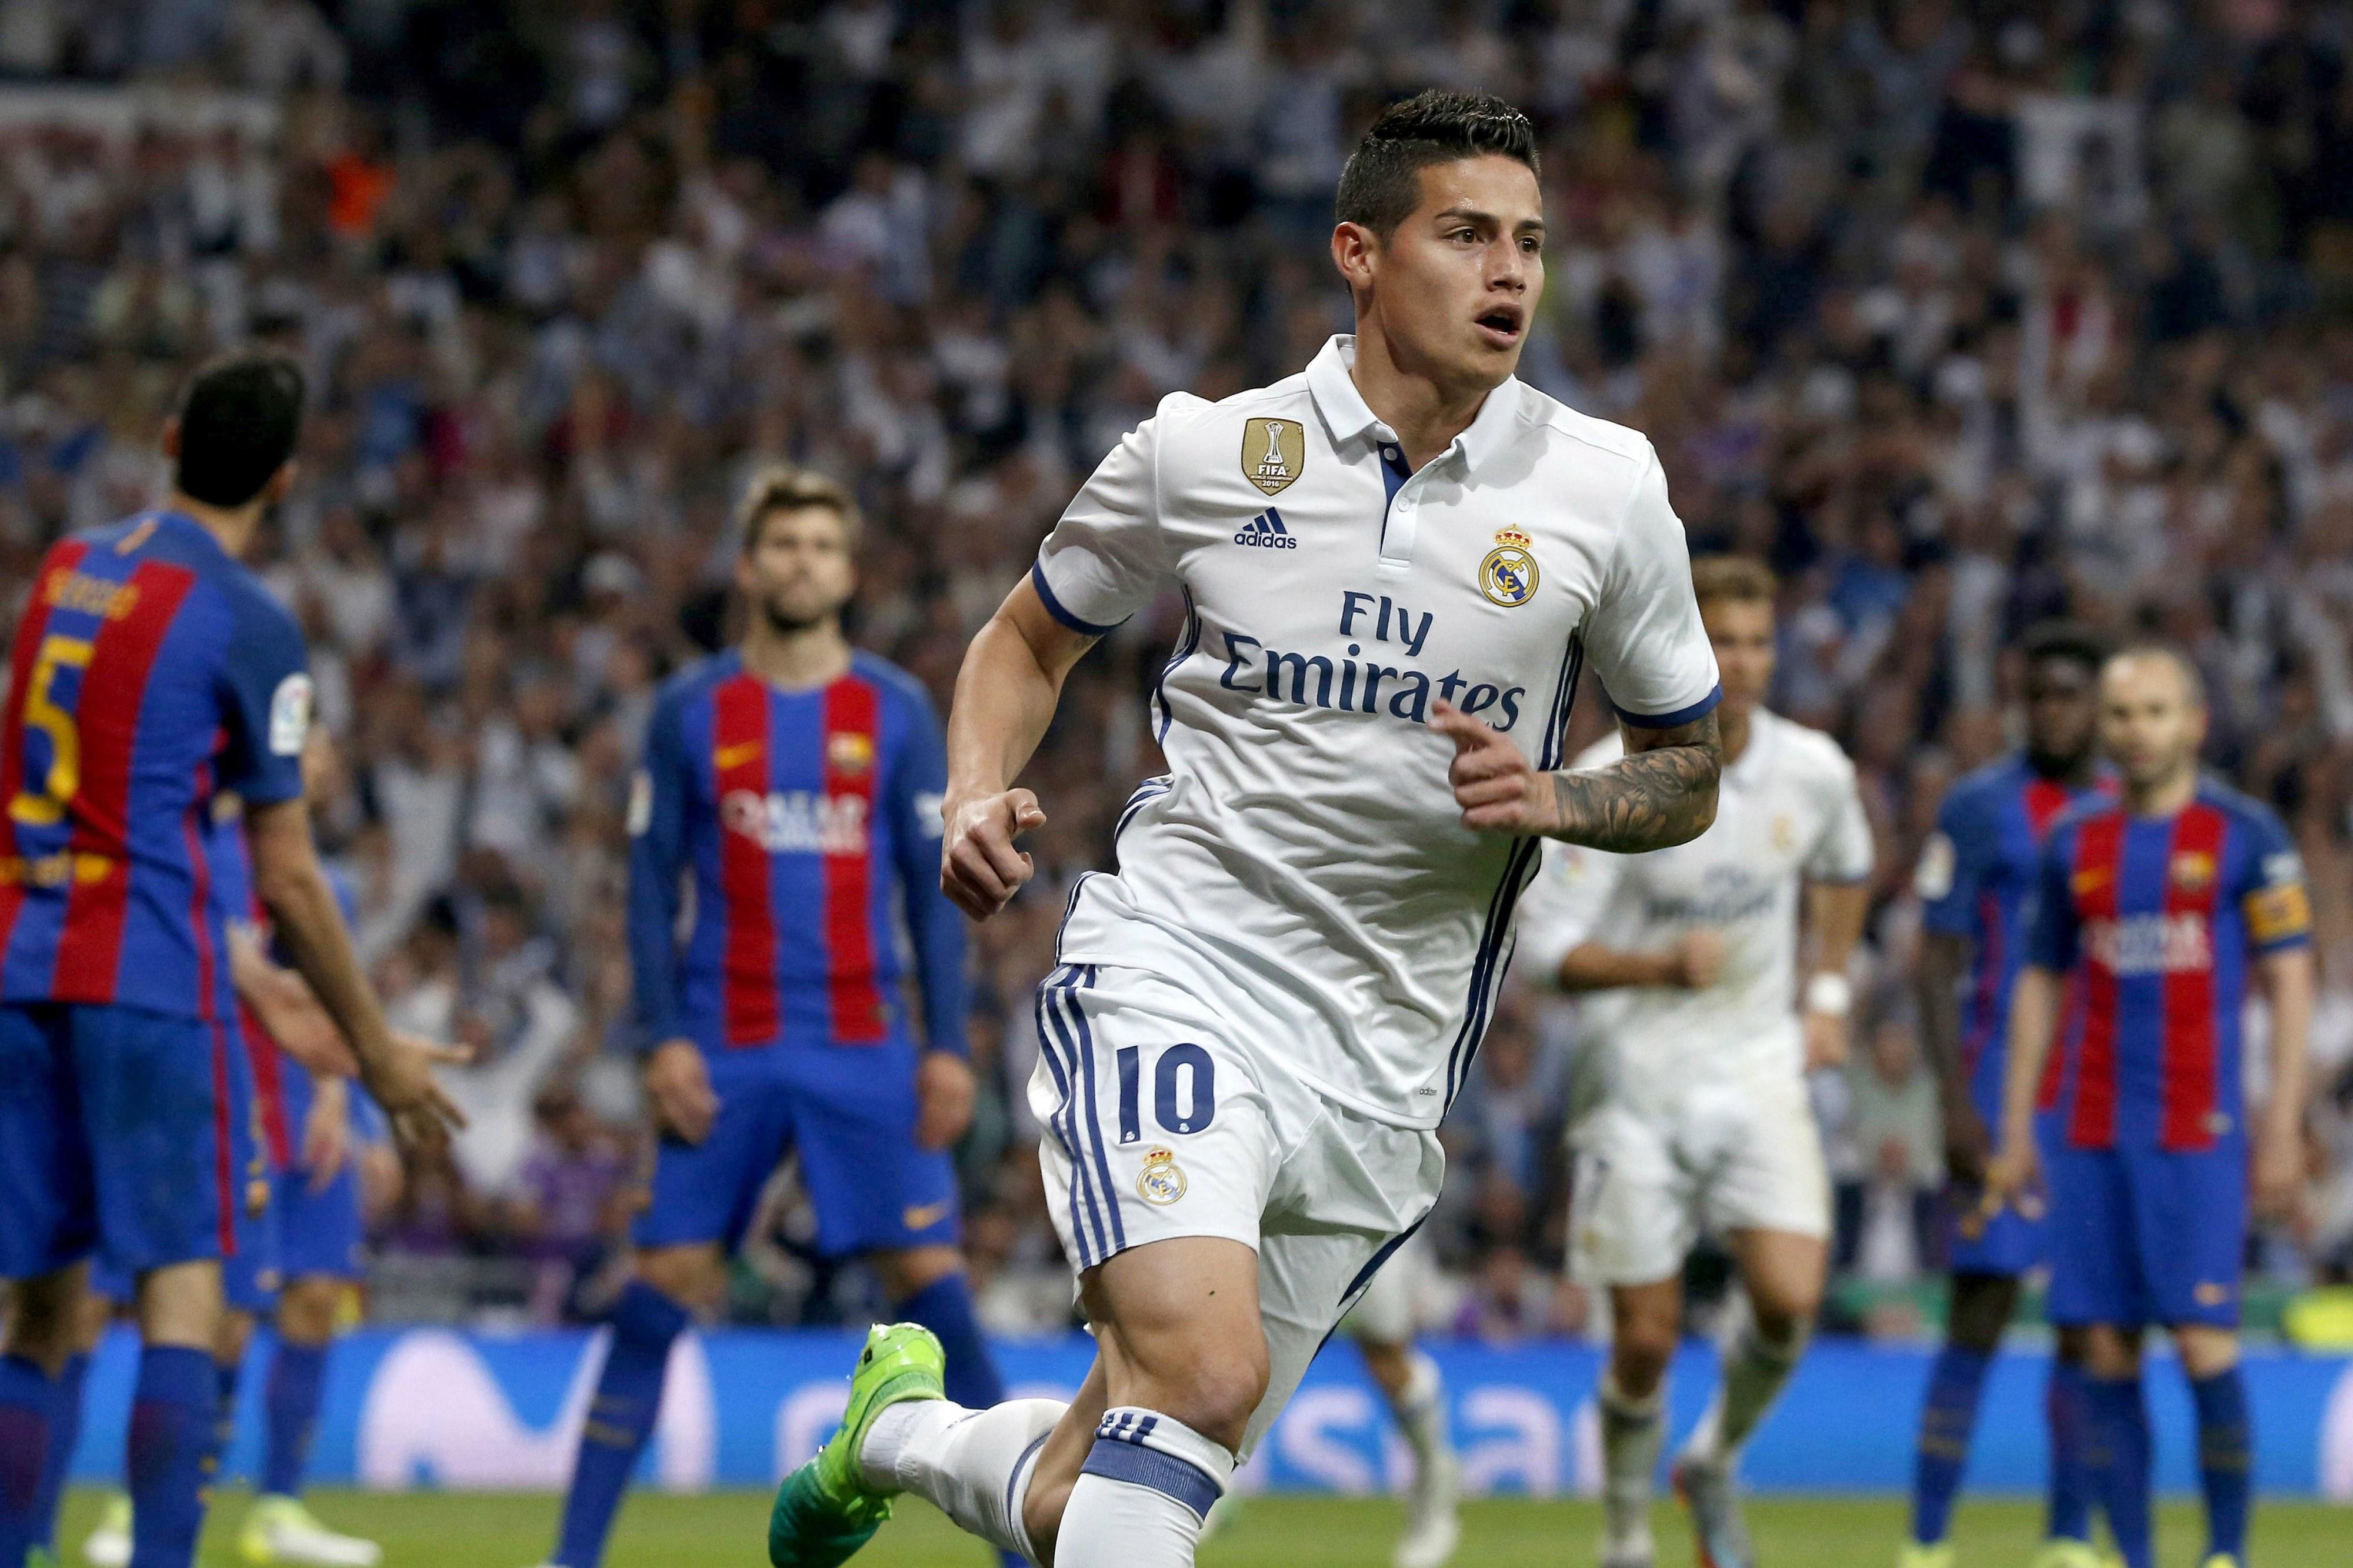 Real Madrid goleia sem Ronaldo e continua em igualdade com o FC Barcelona